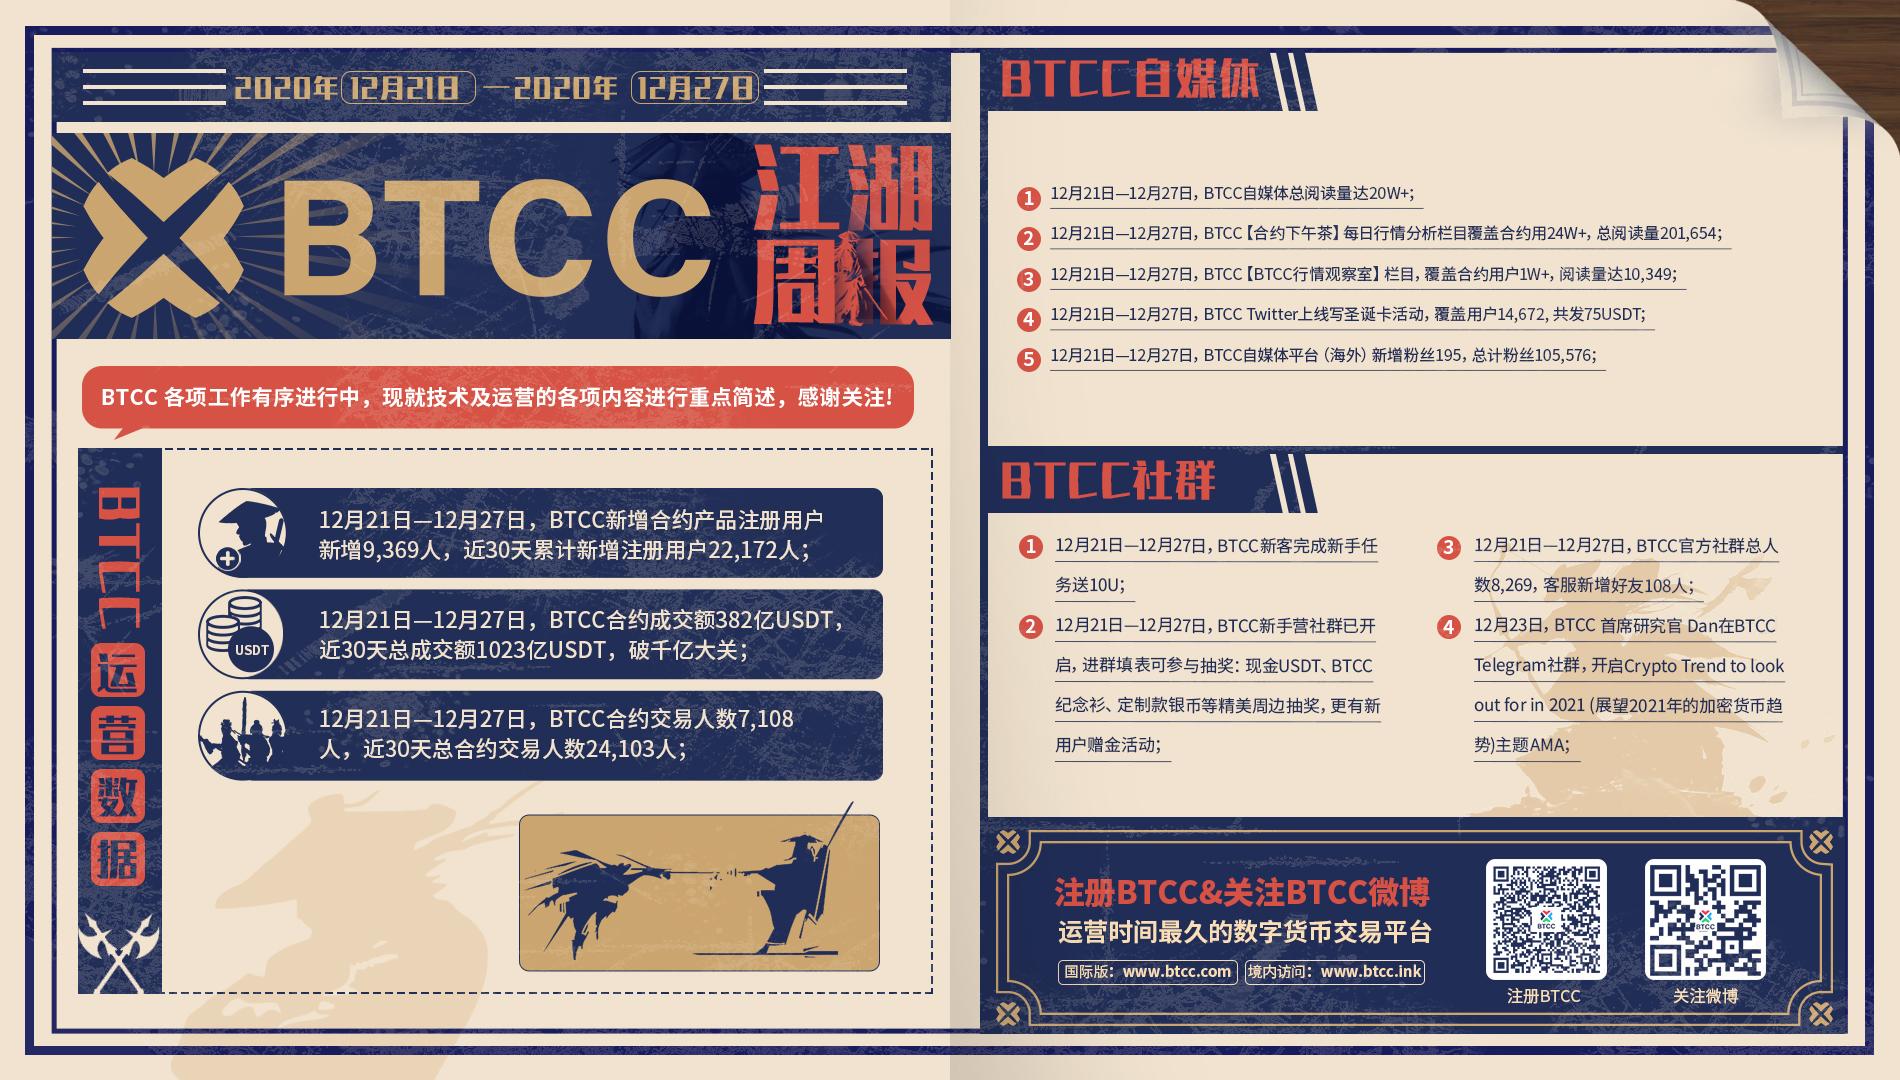 BTCC江湖周报(2020.12.21—2020.12.27)